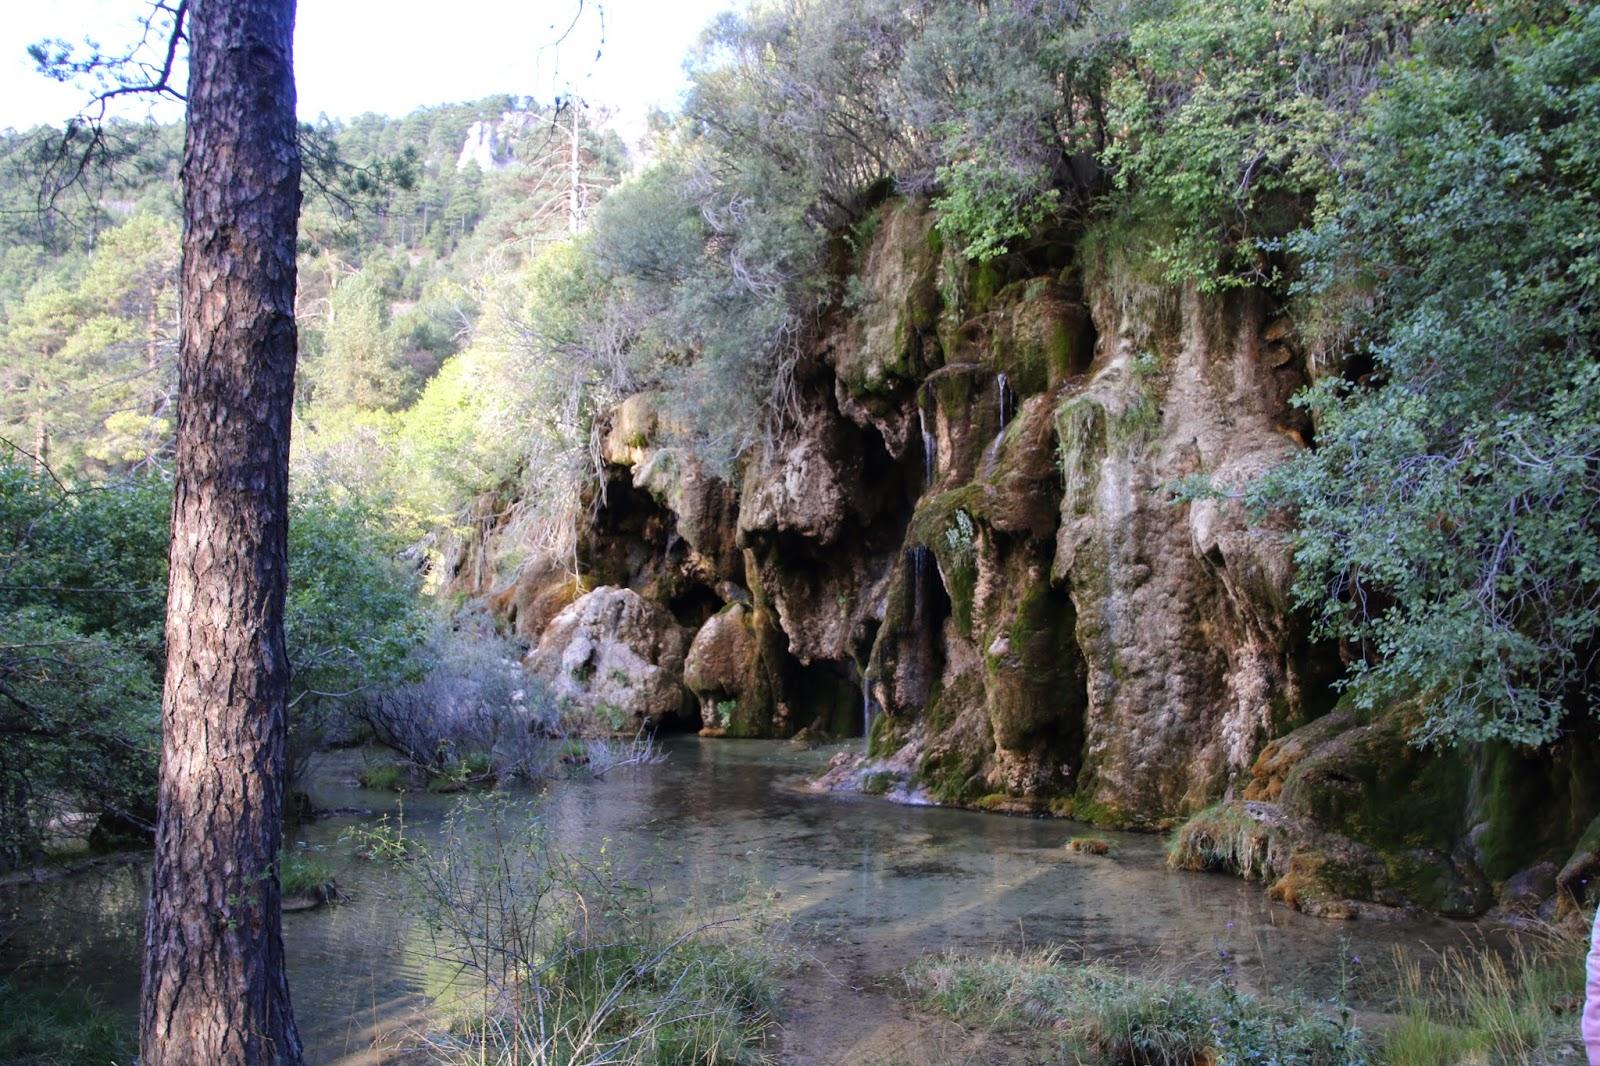 Nacimiento Río Cuervo, Cuenca, Tu Maleta